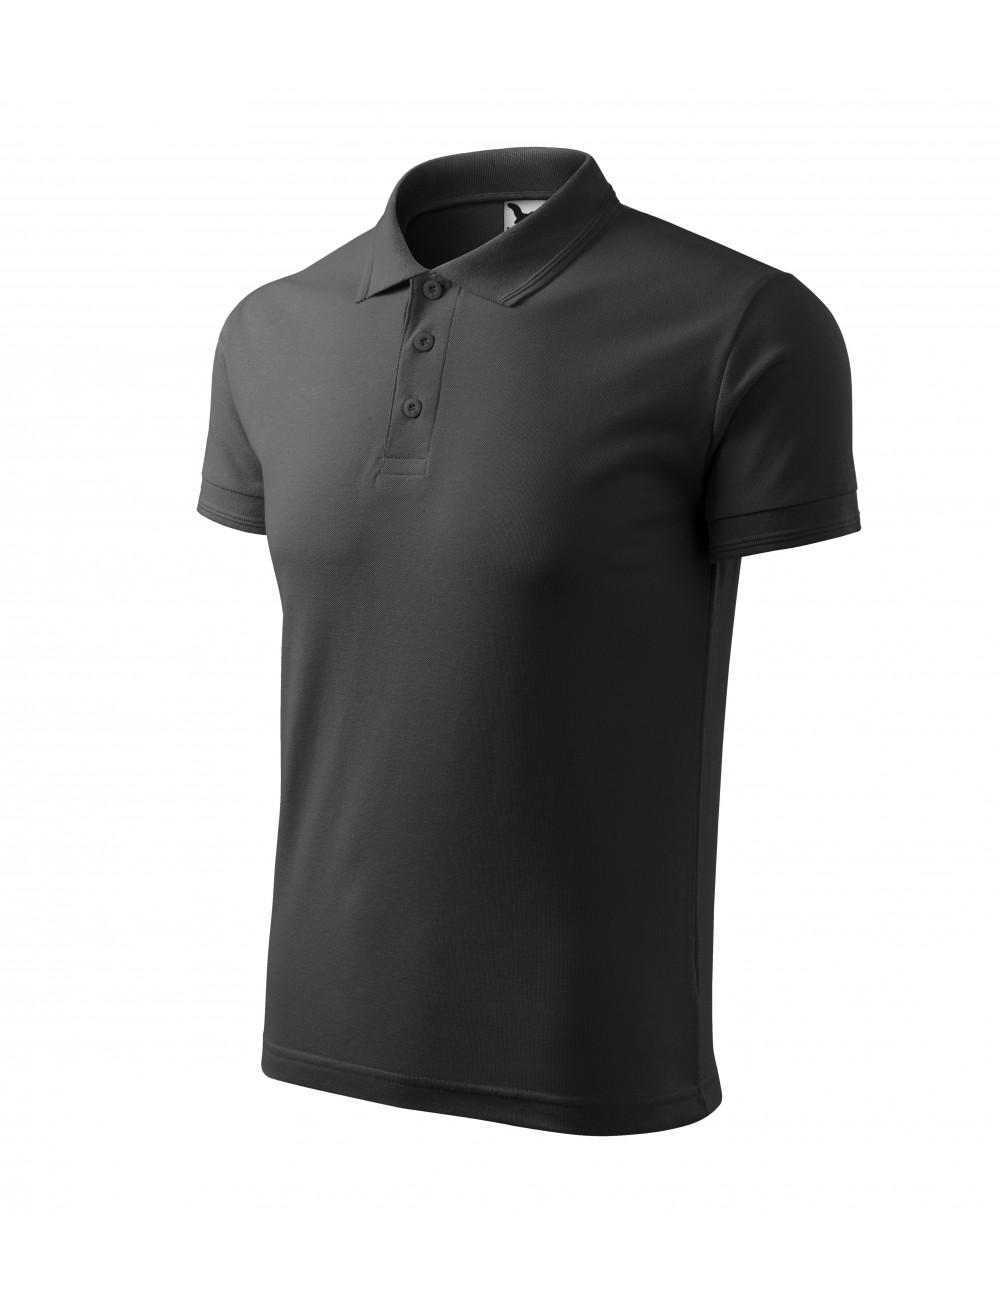 Adler MALFINI Koszulka polo męska Pique Polo 203 ciemny khaki